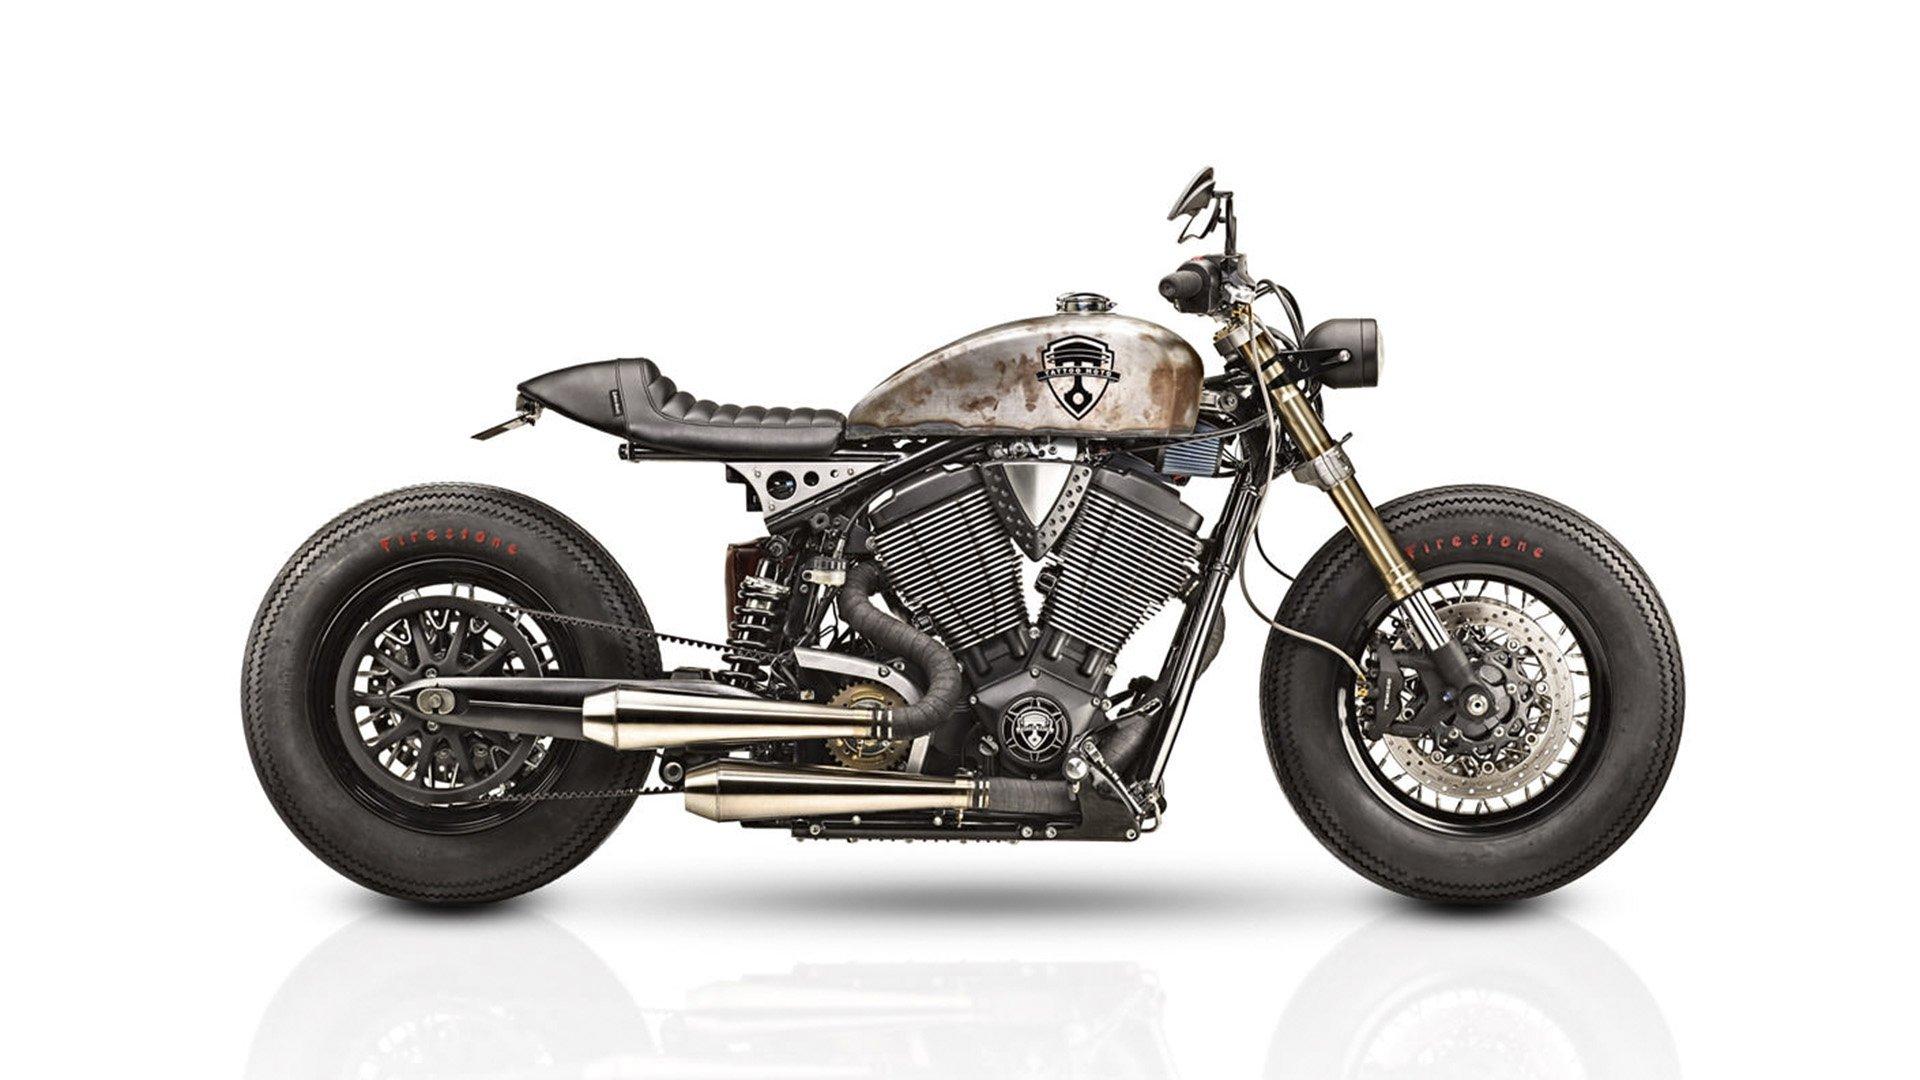 victory gunner cafe racer tattoo moto caferaceros. Black Bedroom Furniture Sets. Home Design Ideas